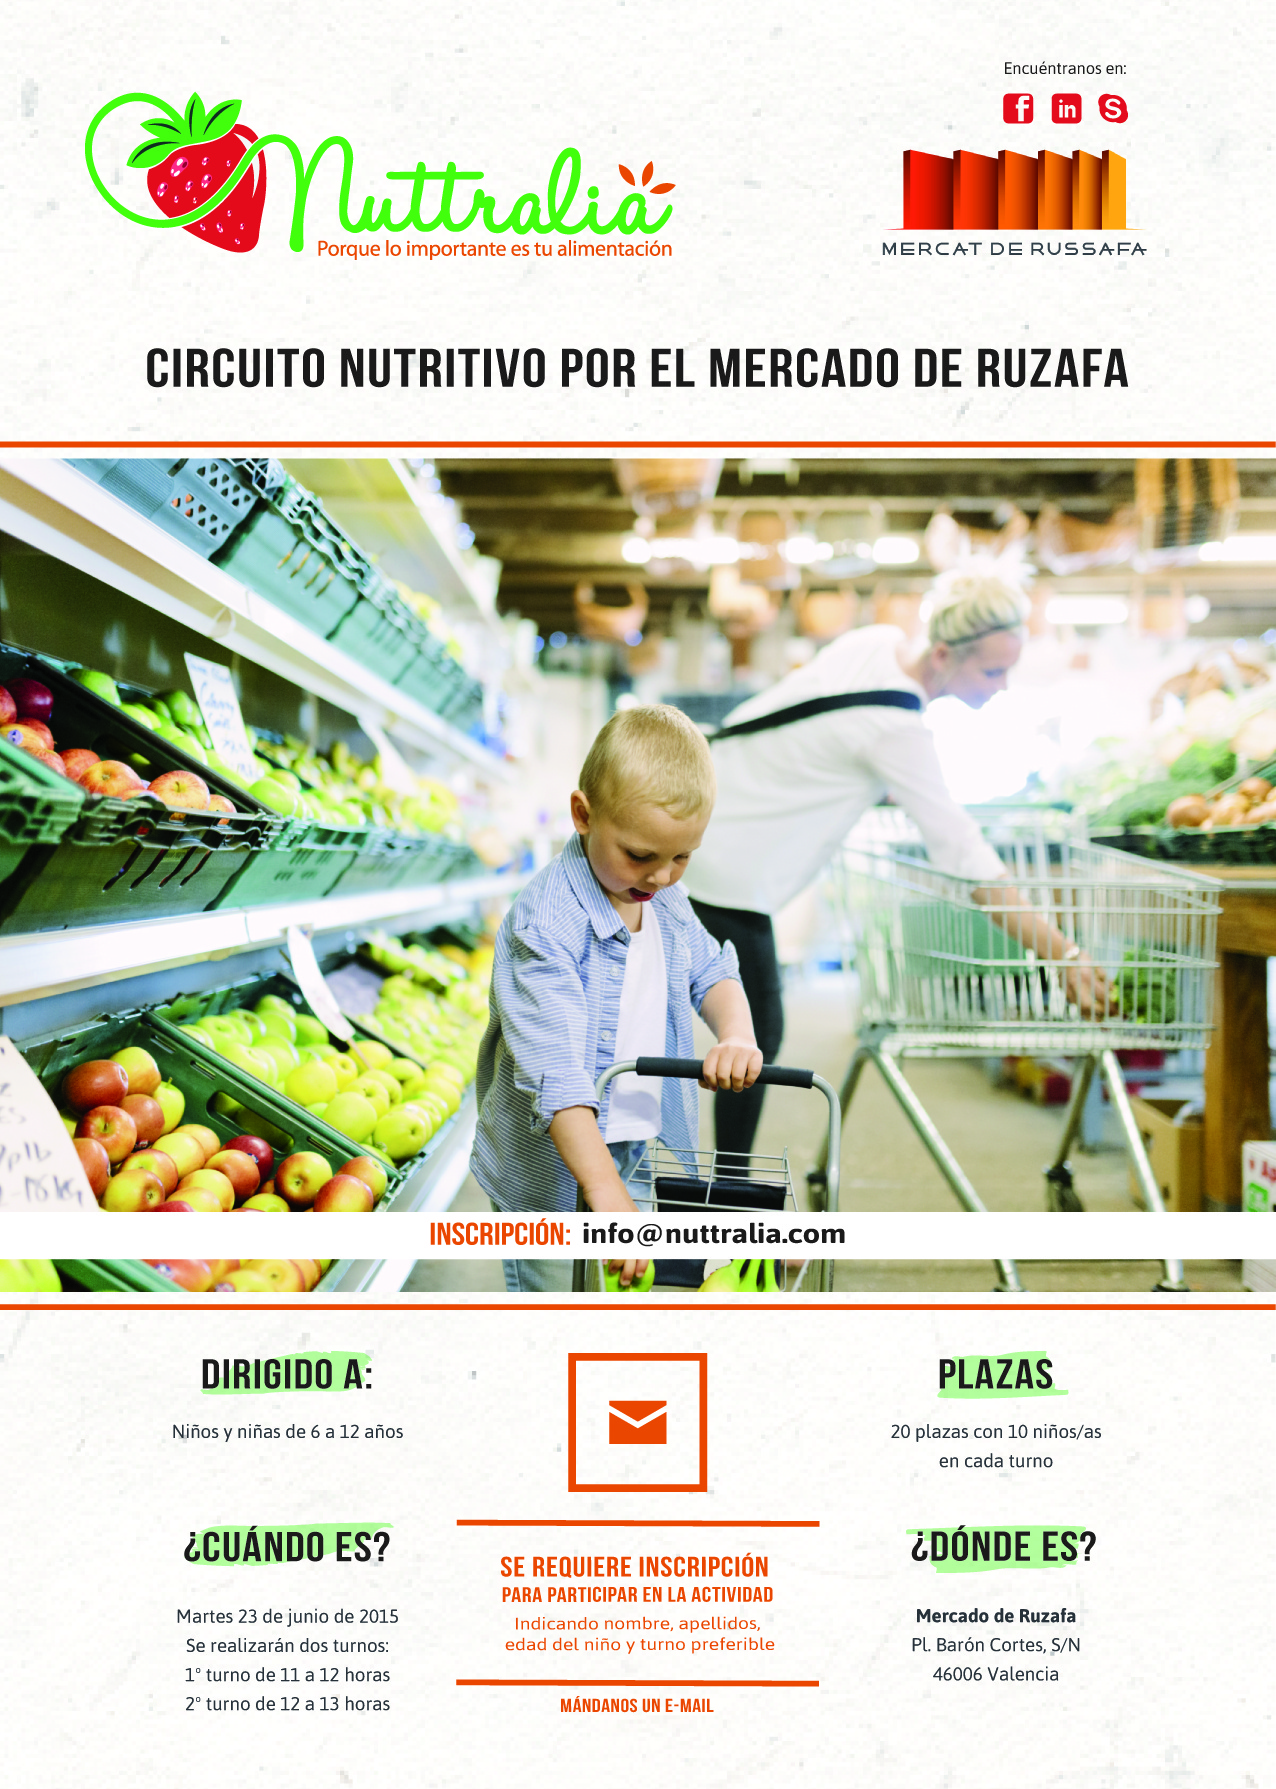 Circuito nutritivo Mercado Ruzafa